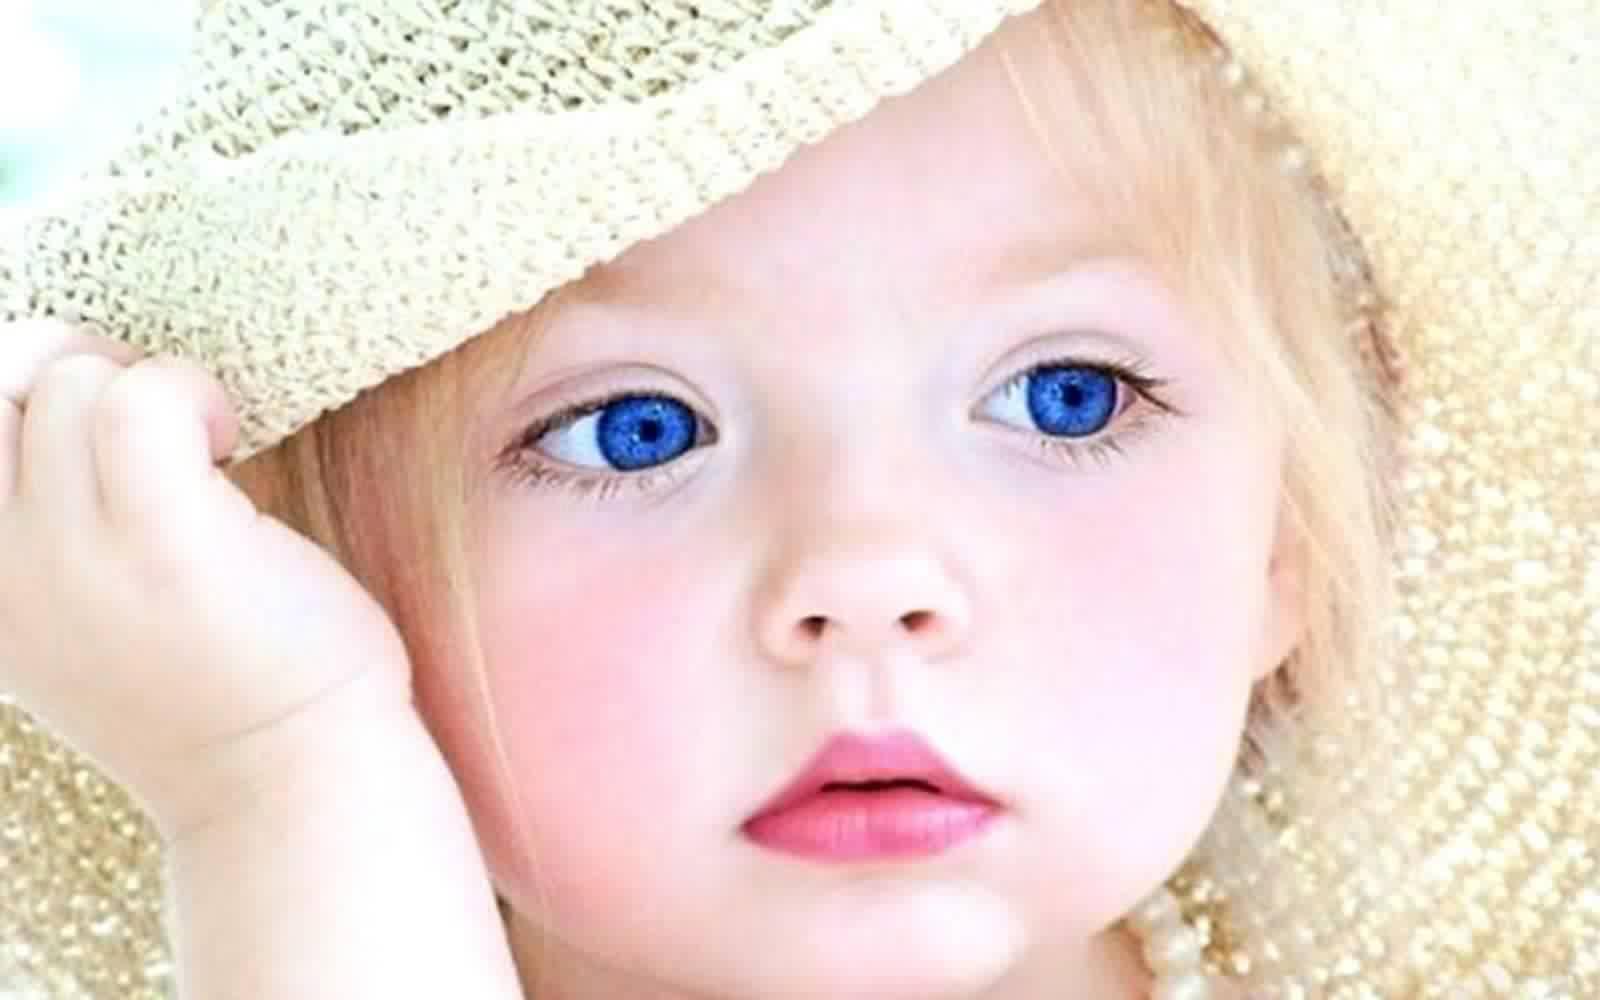 بالصور صور اطفال لطيفة , اروع خلفيات الاطفال 10486 2